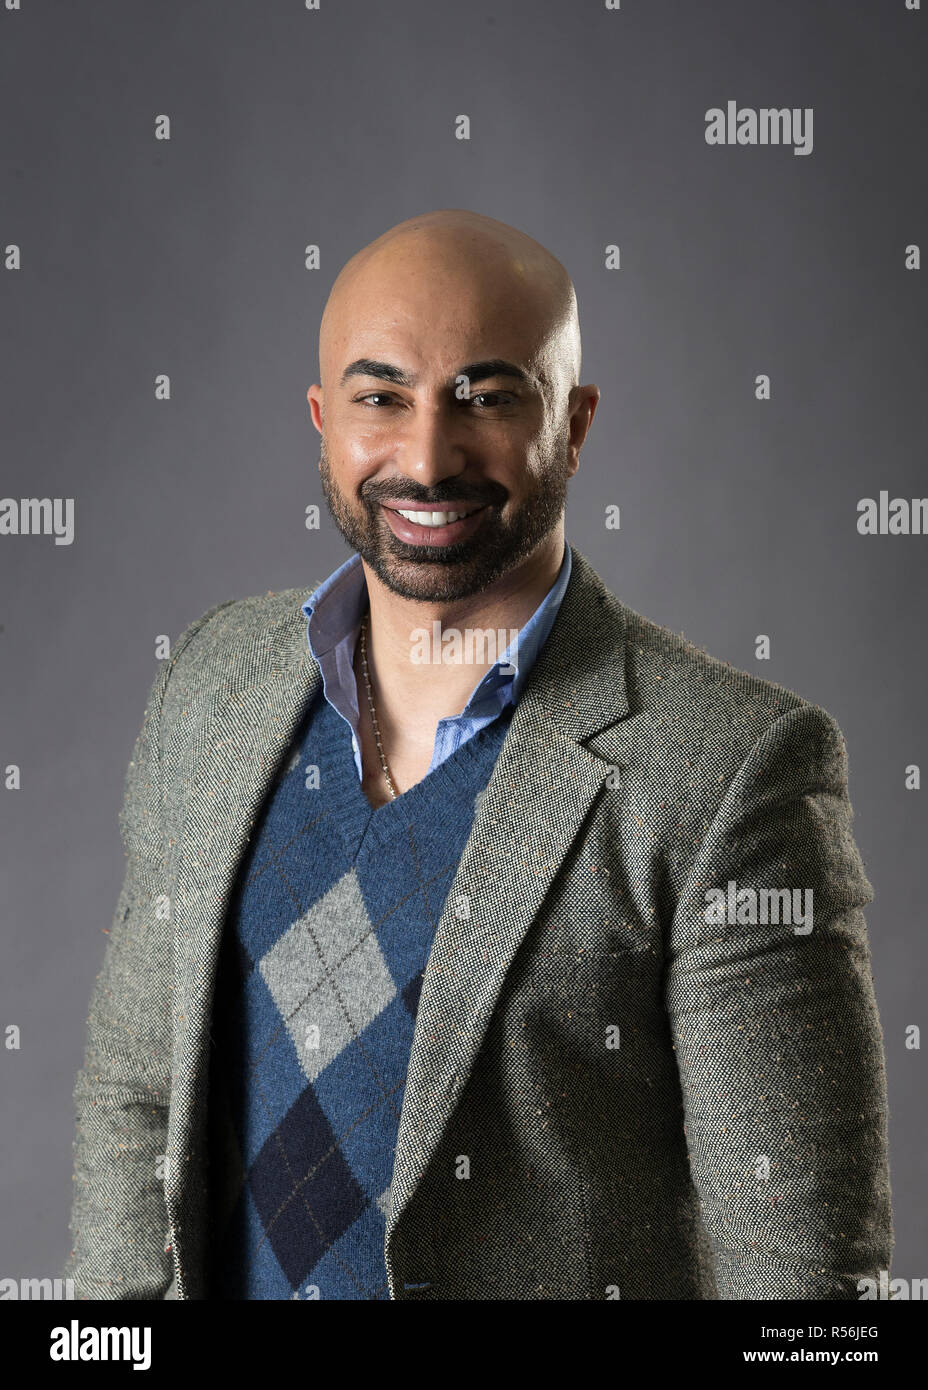 Hassan Sheheryar Yasin, noto semplicemente come H S Y, è un pakistano designer di moda. Egli è stato salutatorian del Pakistan scuola di design di moda. Immagini Stock